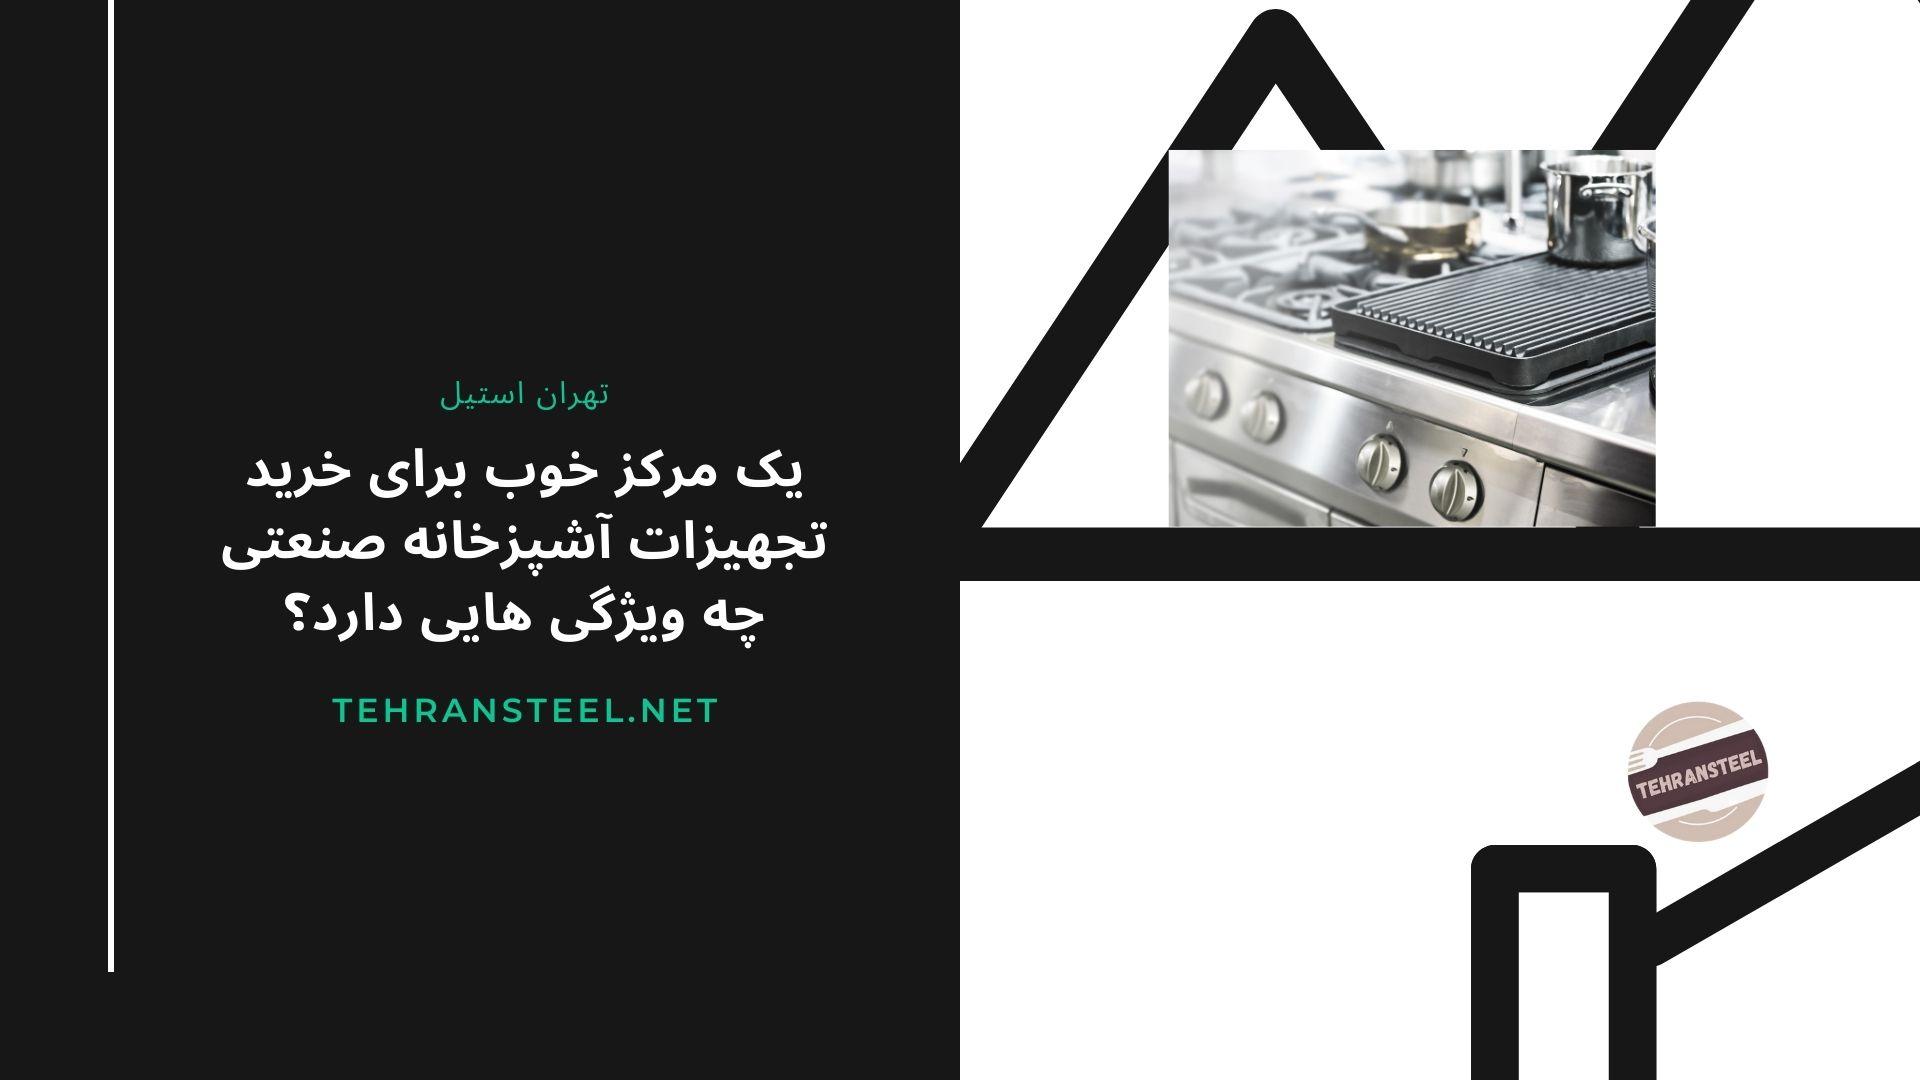 یک مرکز خوب برای خرید تجهیزات آشپزخانه صنعتی چه ویژگی هایی دارد؟